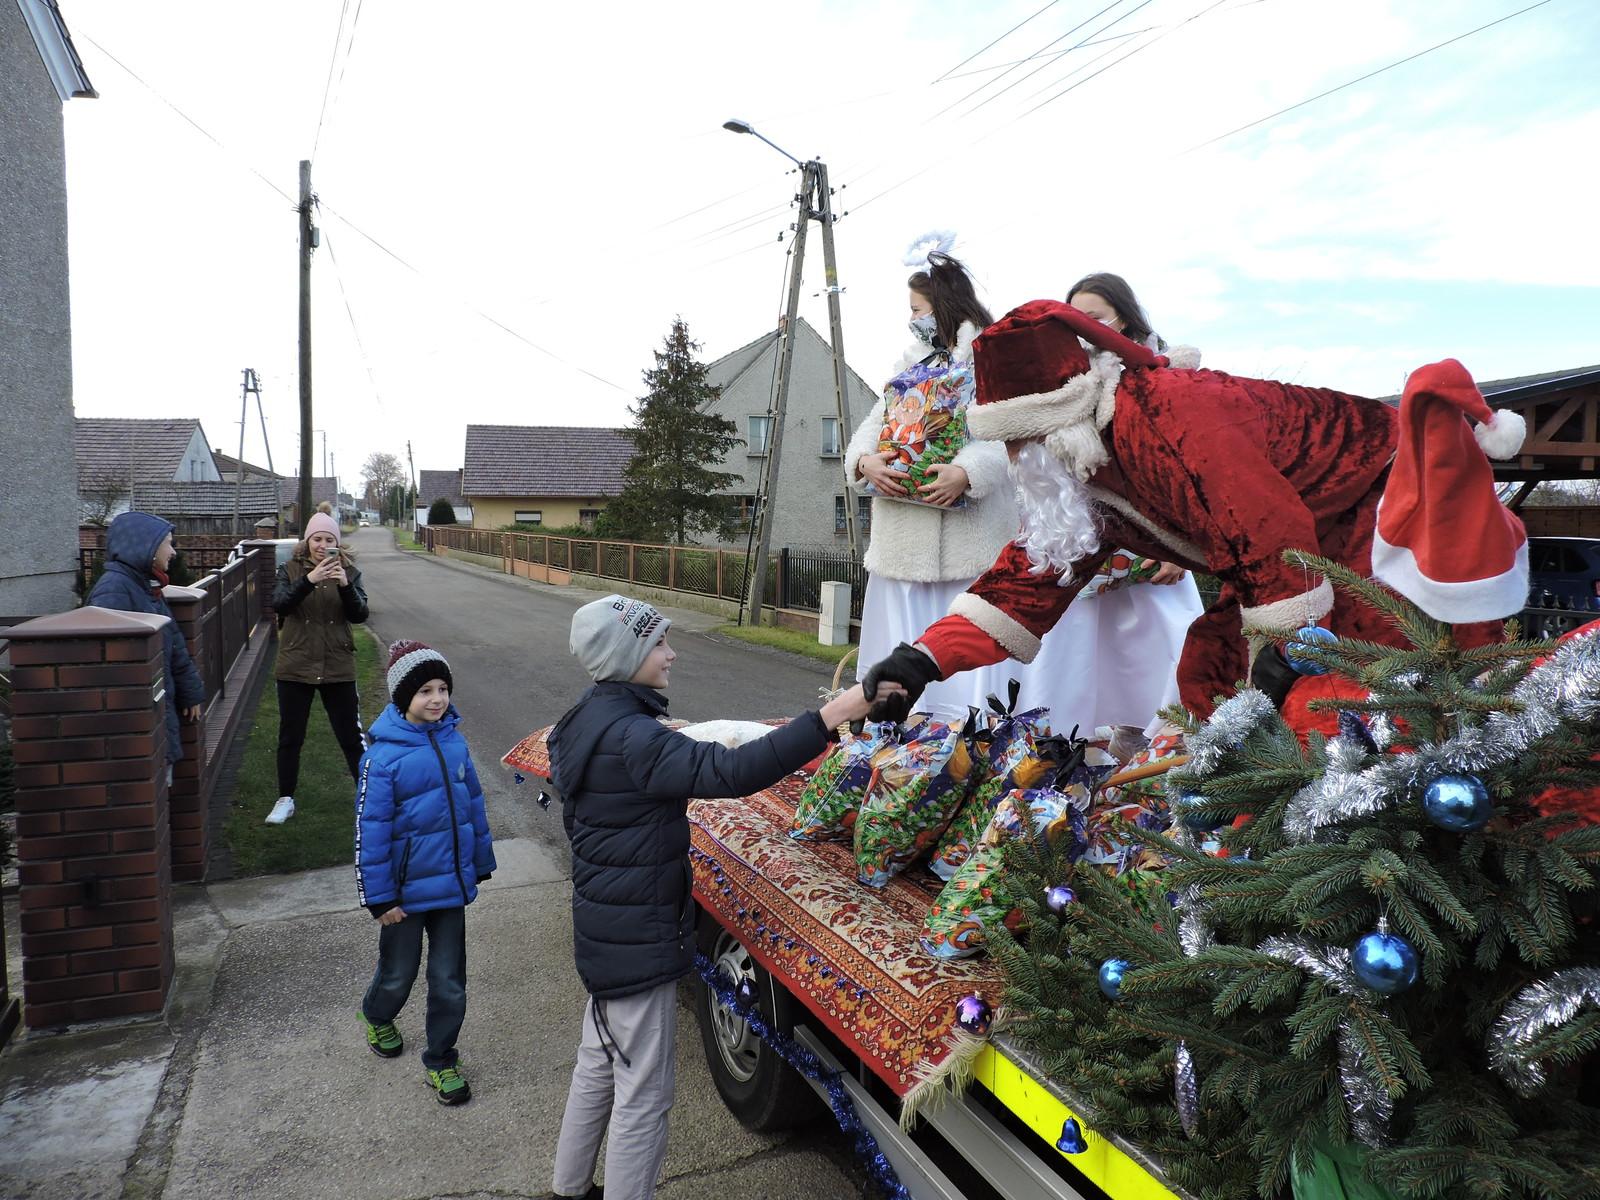 Orszak w Biadaczu - dziecko odbiera prezent od św. Mikołaja